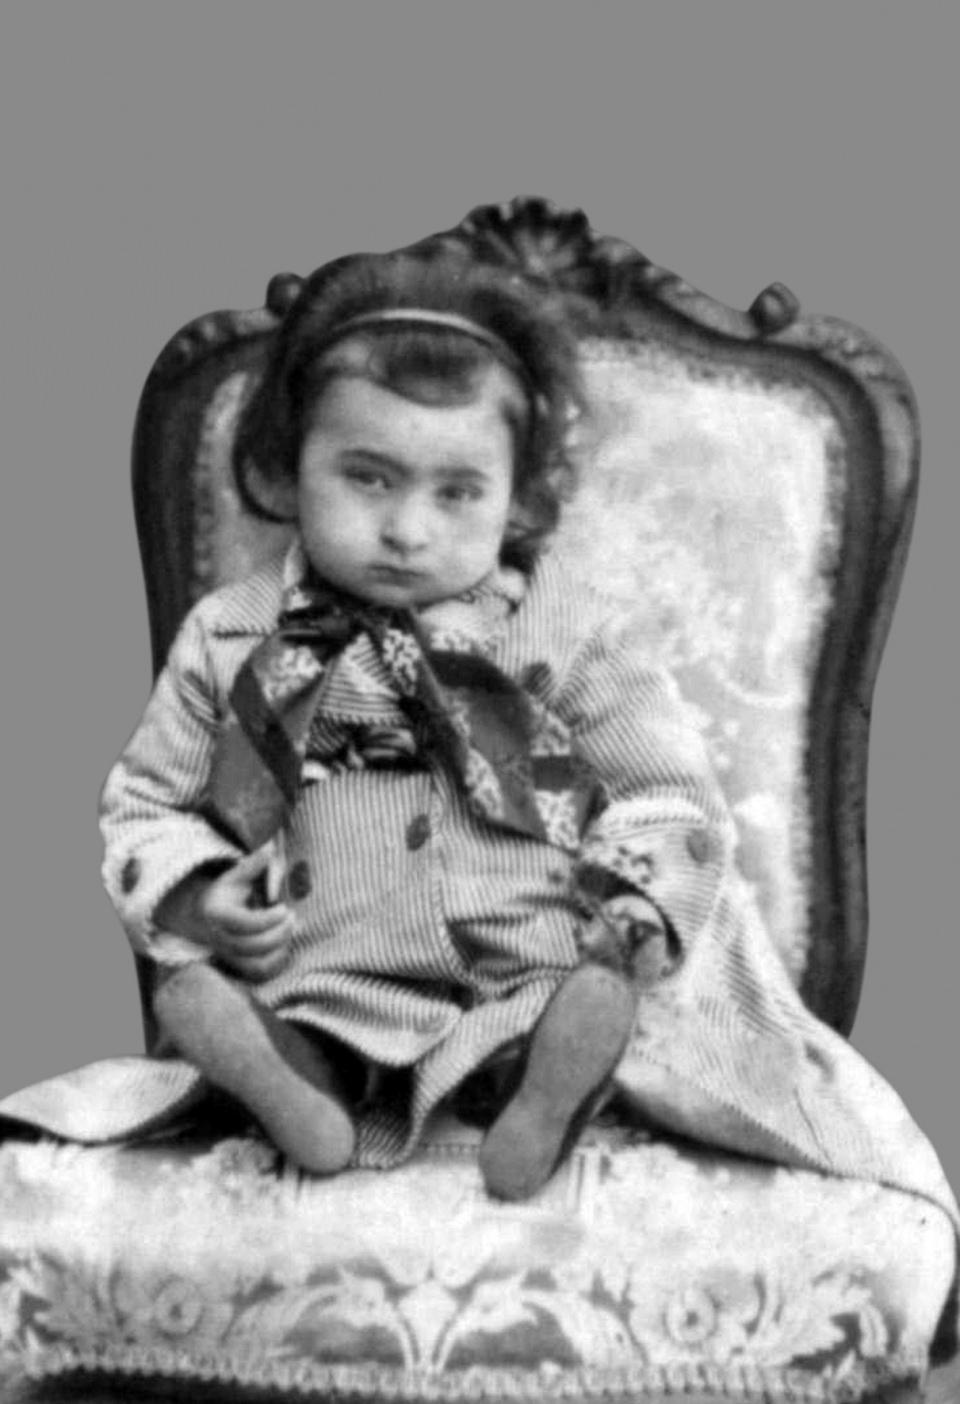 Sultan 2. Abdülhamit'in görmediğiniz aile albümü 6